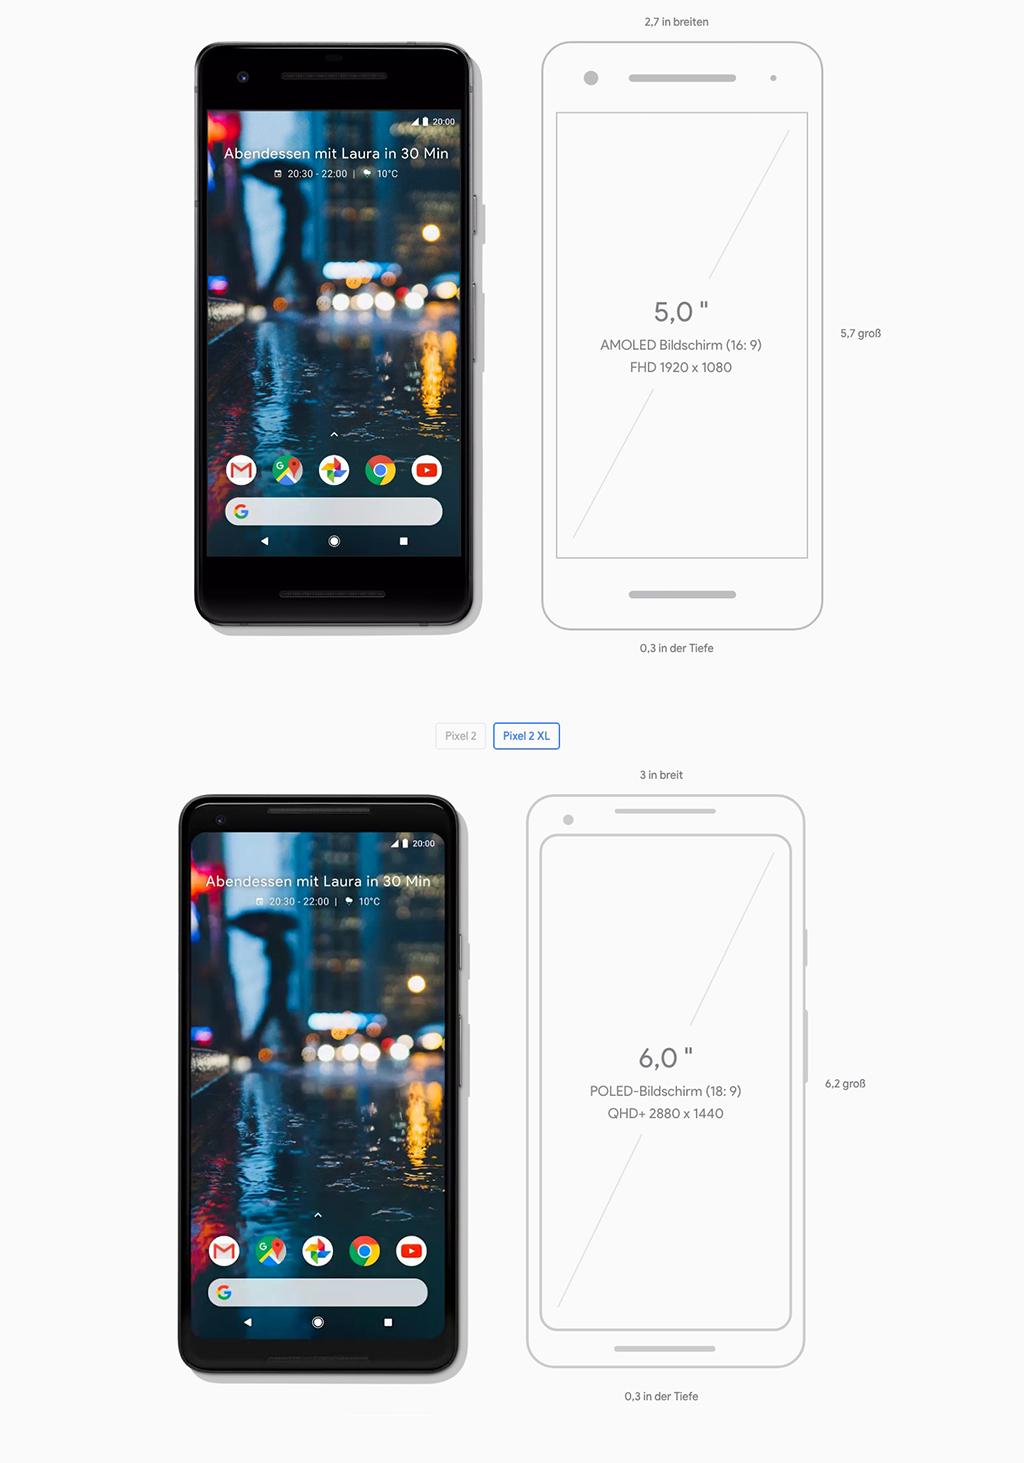 googles pixel 2 mit rekordkamera und hohem preis zdnetde